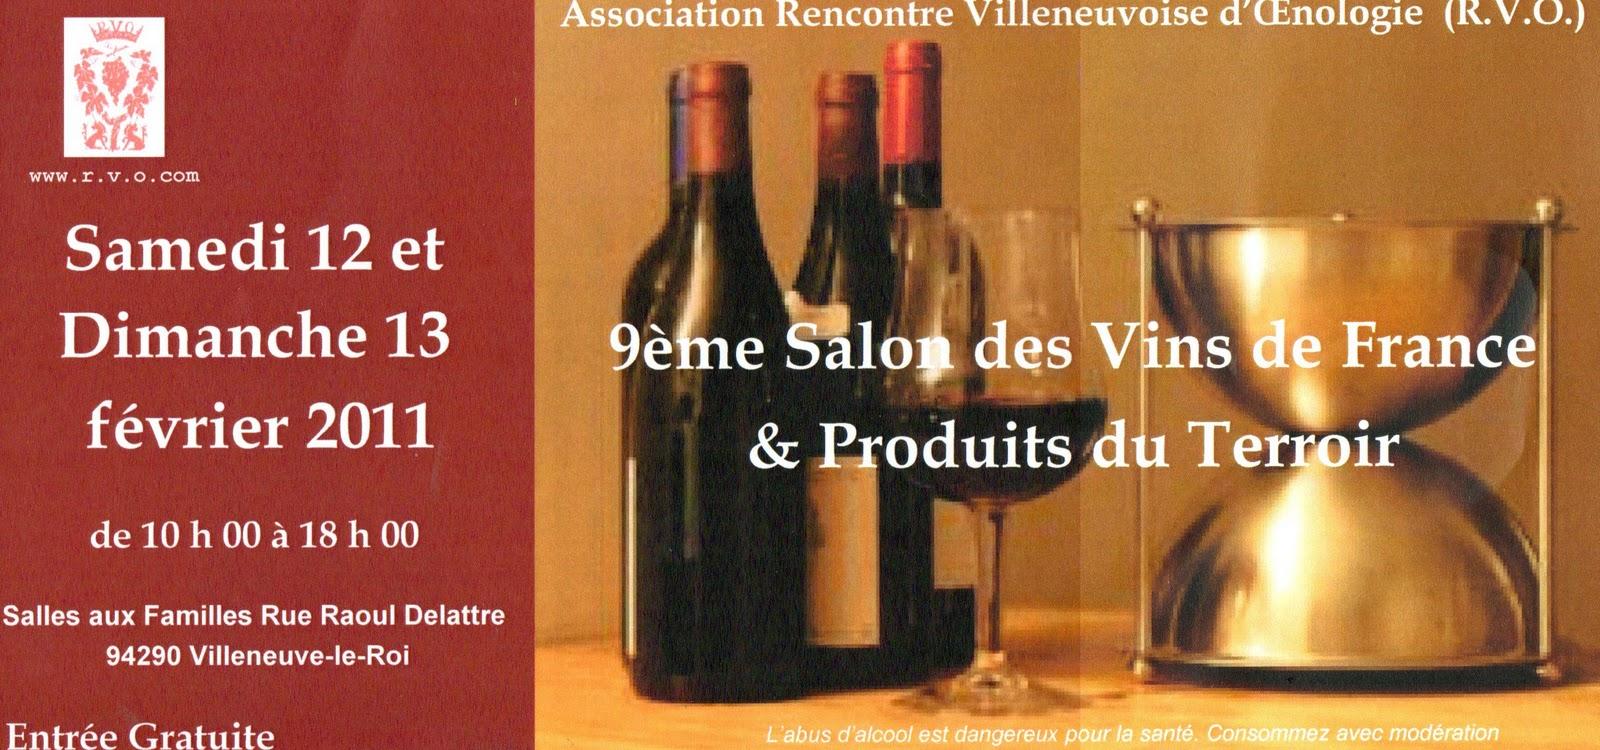 Villeneuve le roi en vrac 9 me salon des vins de france for Salon des vins de france